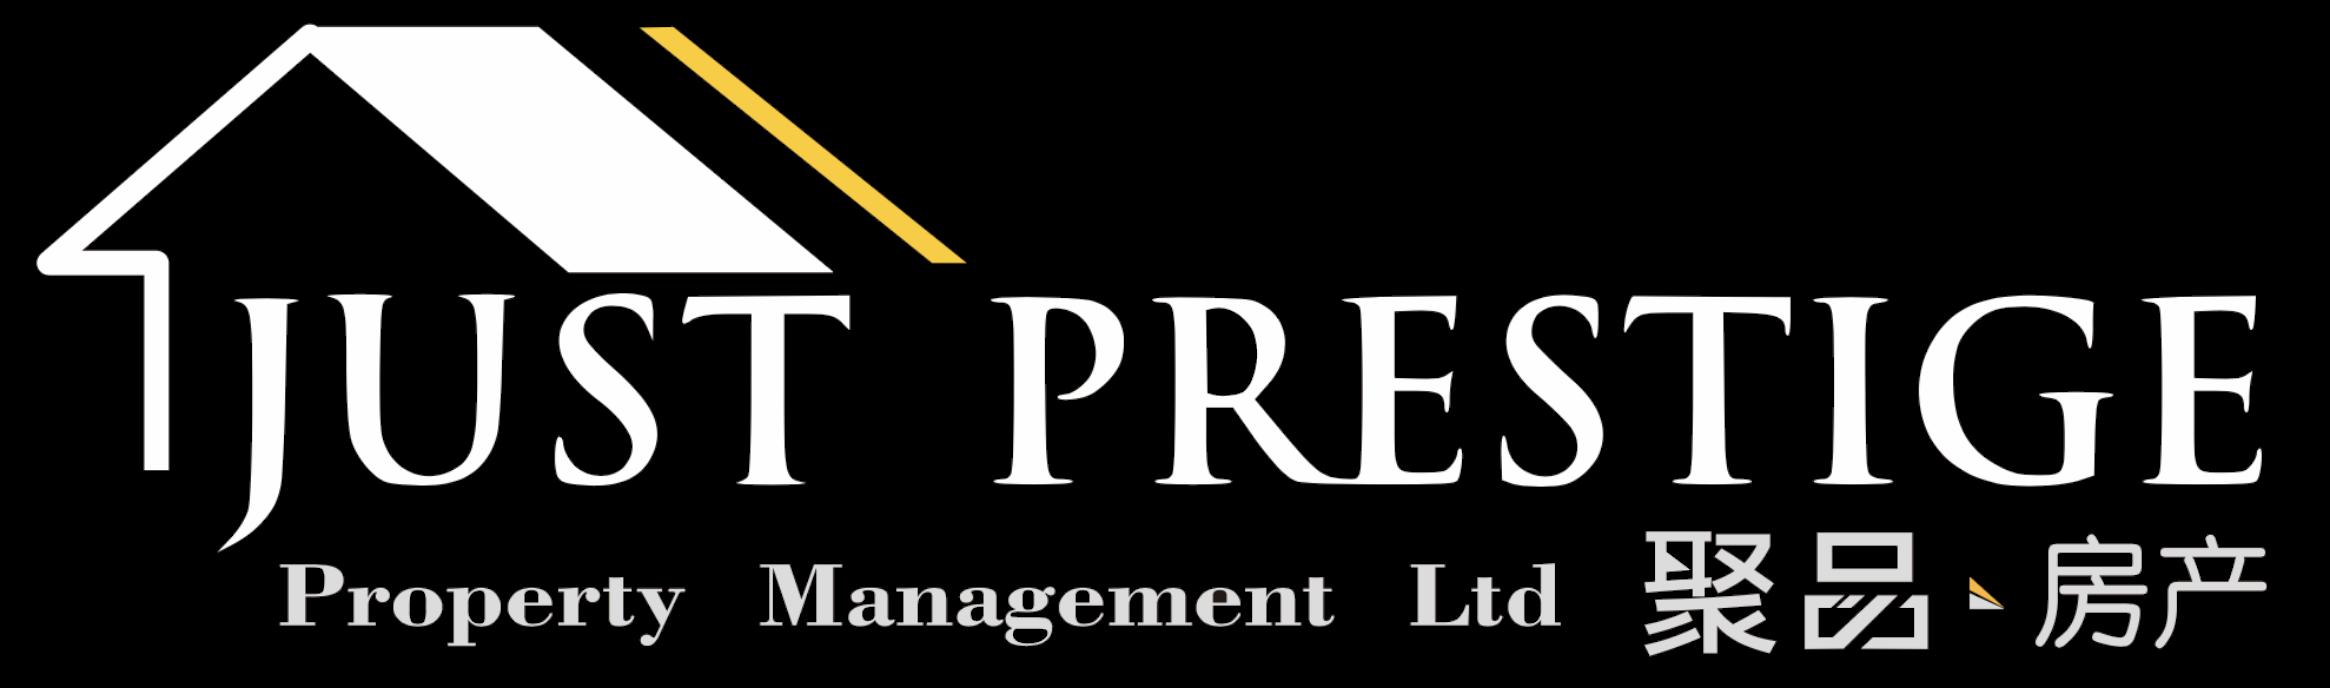 Just Prestige